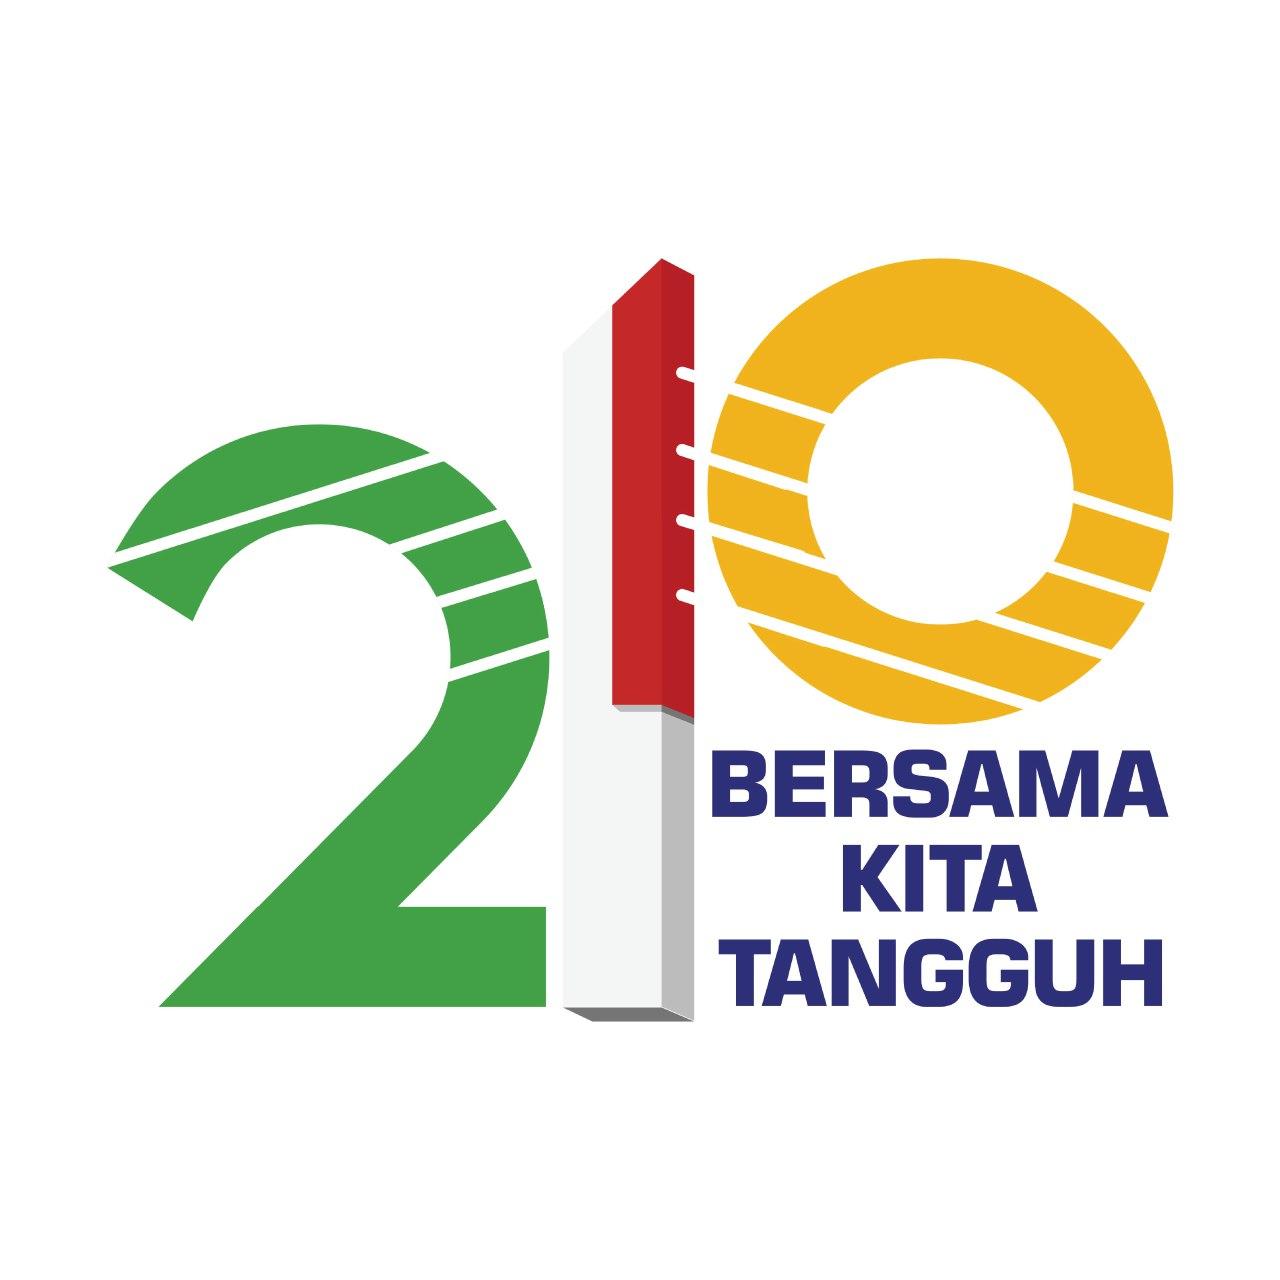 Hari Jadi Ke 210 Pemkot Bandung Luncurkan Logo Tema Dan Tagline Kota Bandung Jurnalmedia Situs Berita Terkini